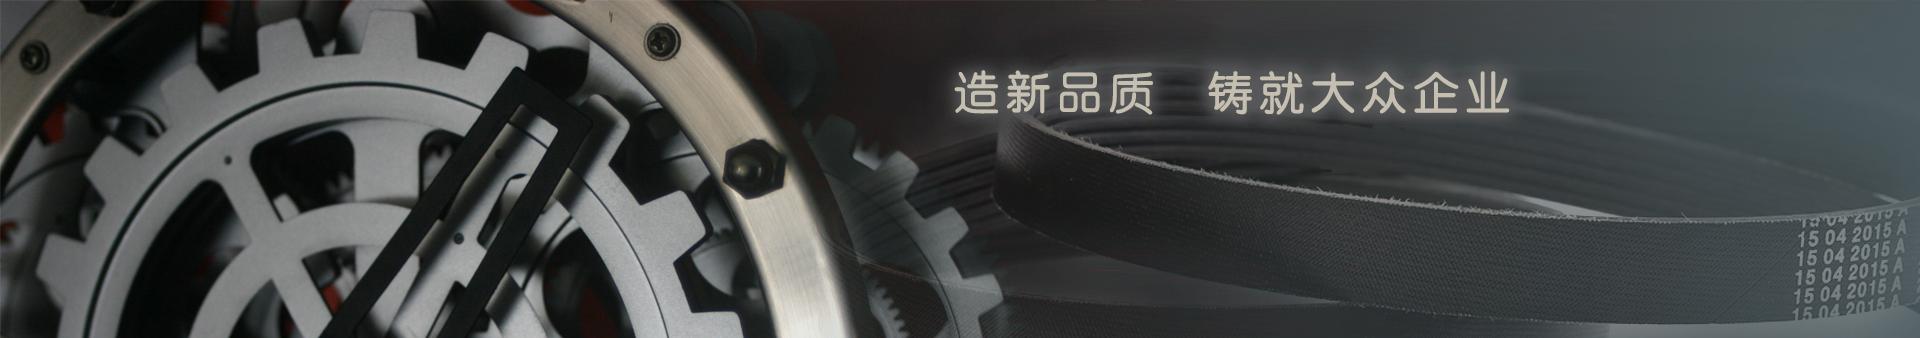 贵州大众万博体育manbetex手机登录